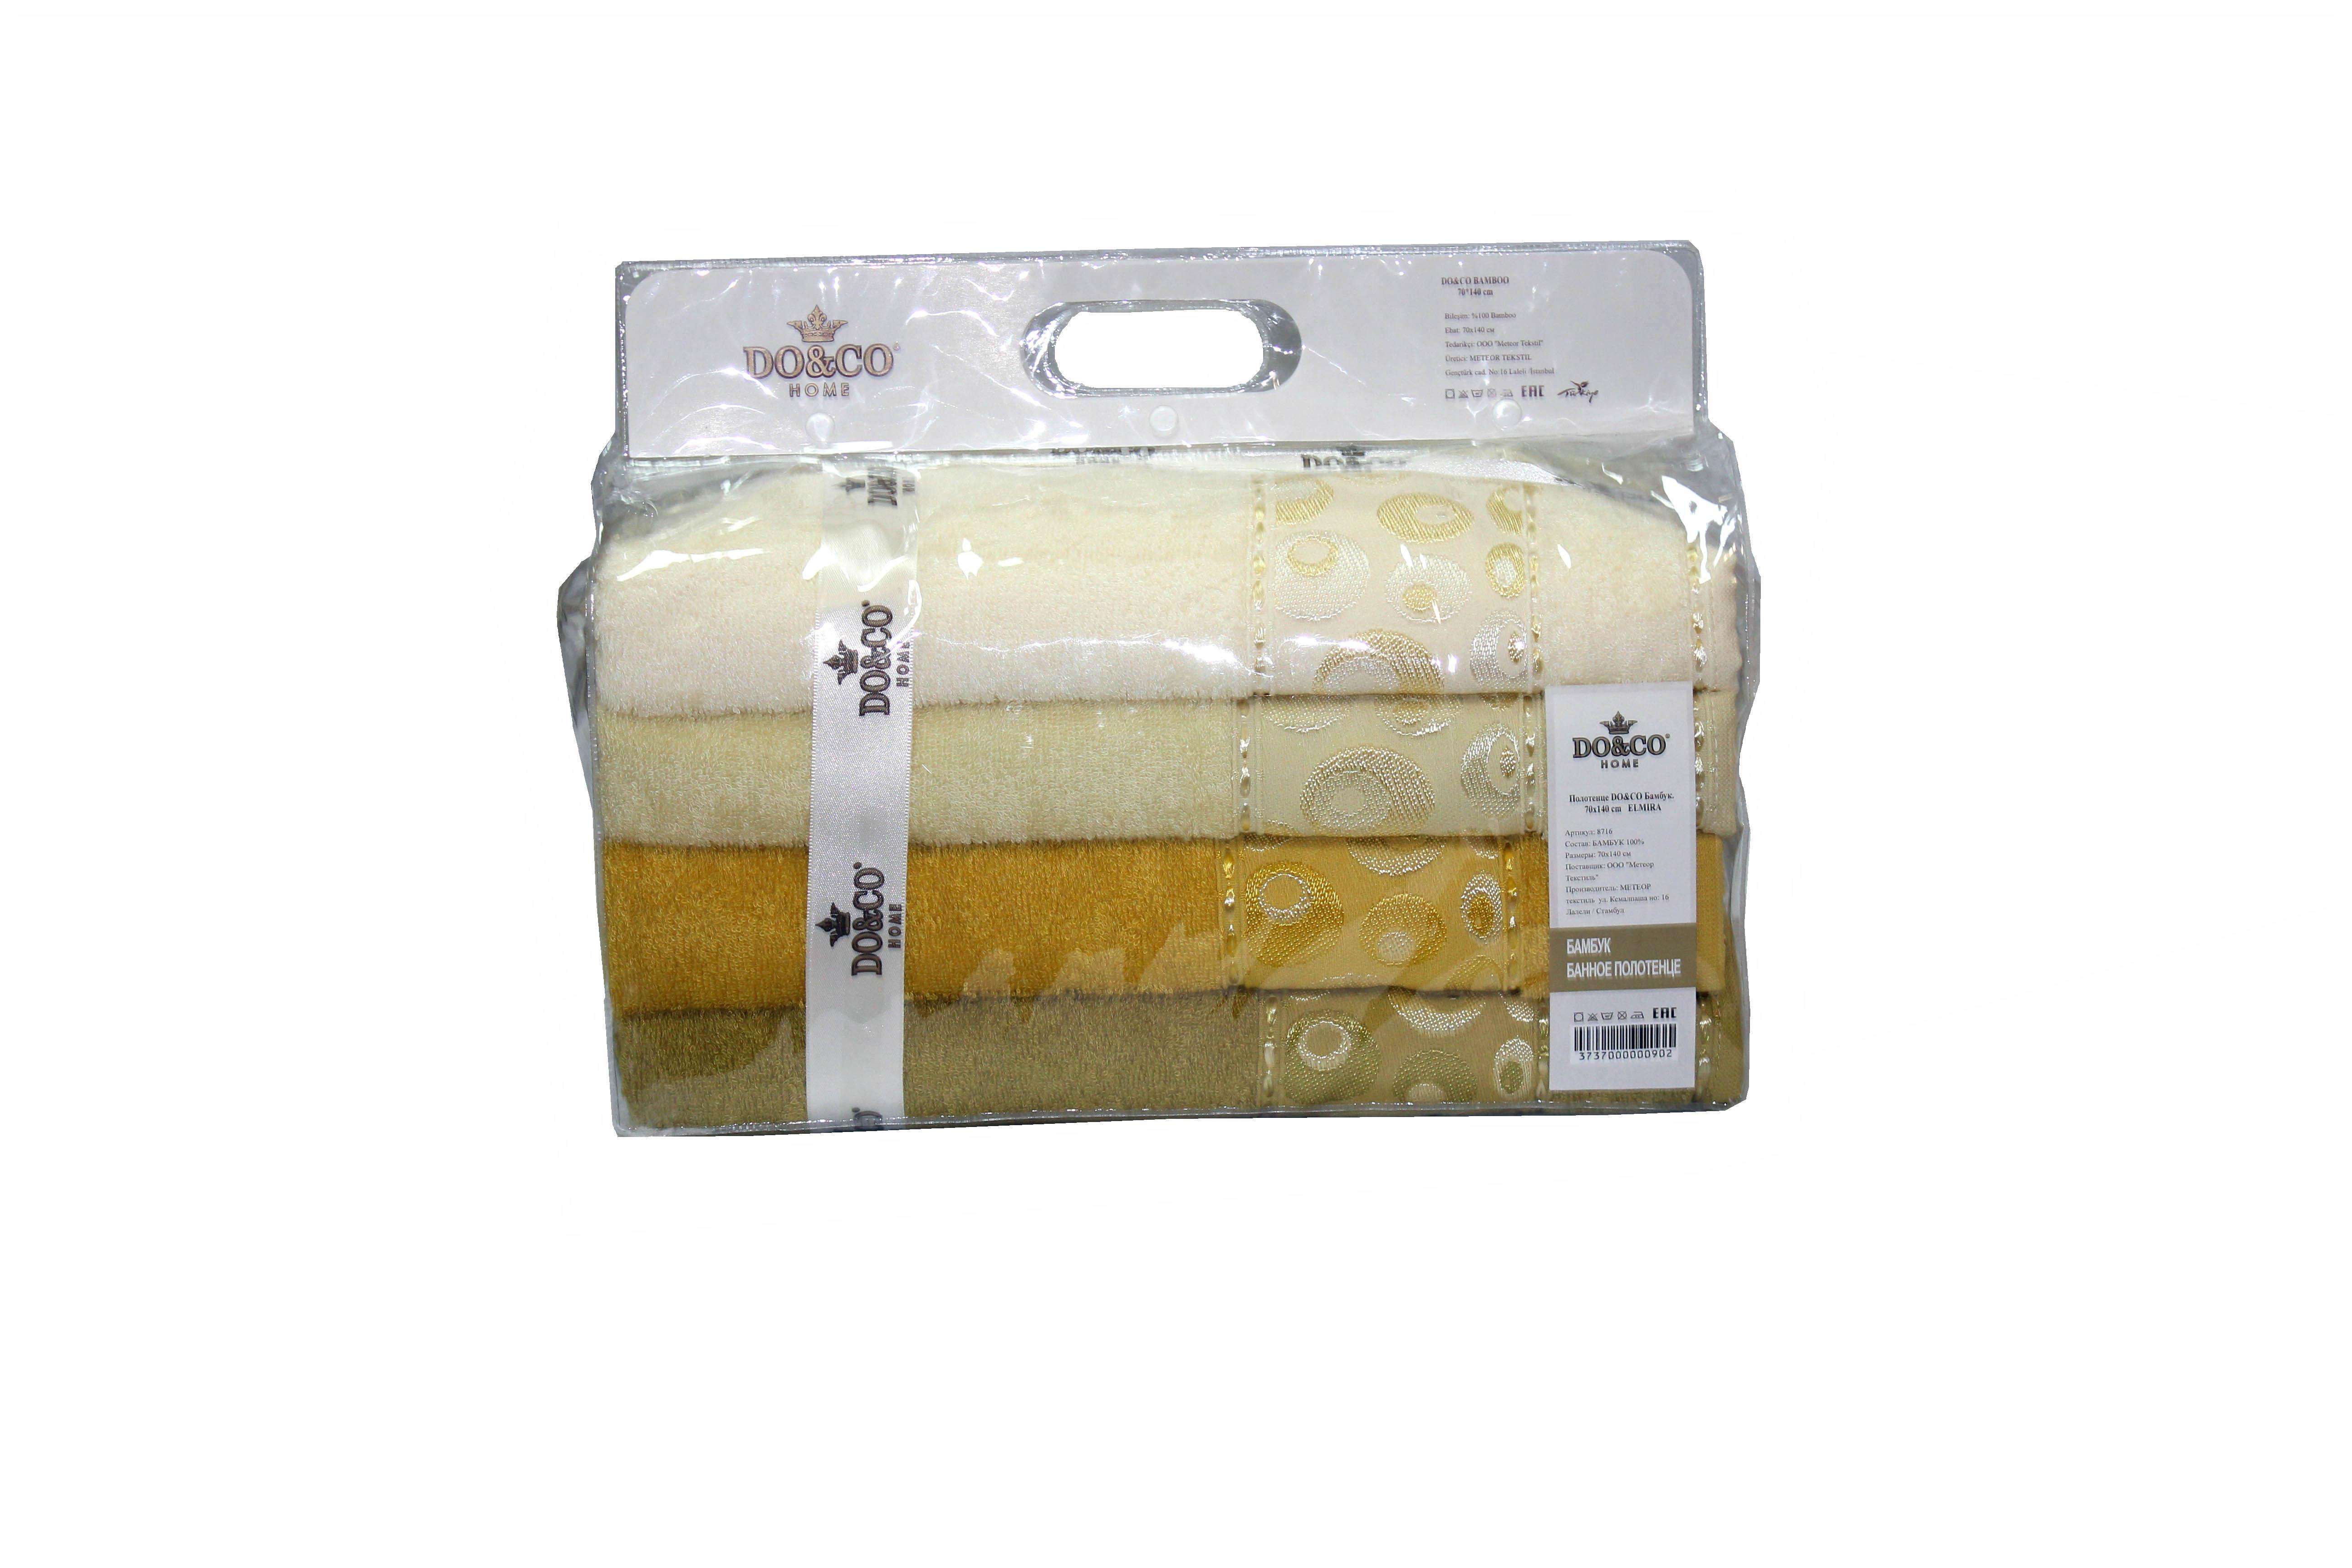 Полотенца DO'n'CO Набор Полотенец Elmira (50х90 см - 4 шт) полотенца кухонные la pastel набор полотенец 4 предмета из микрофибры 30х30